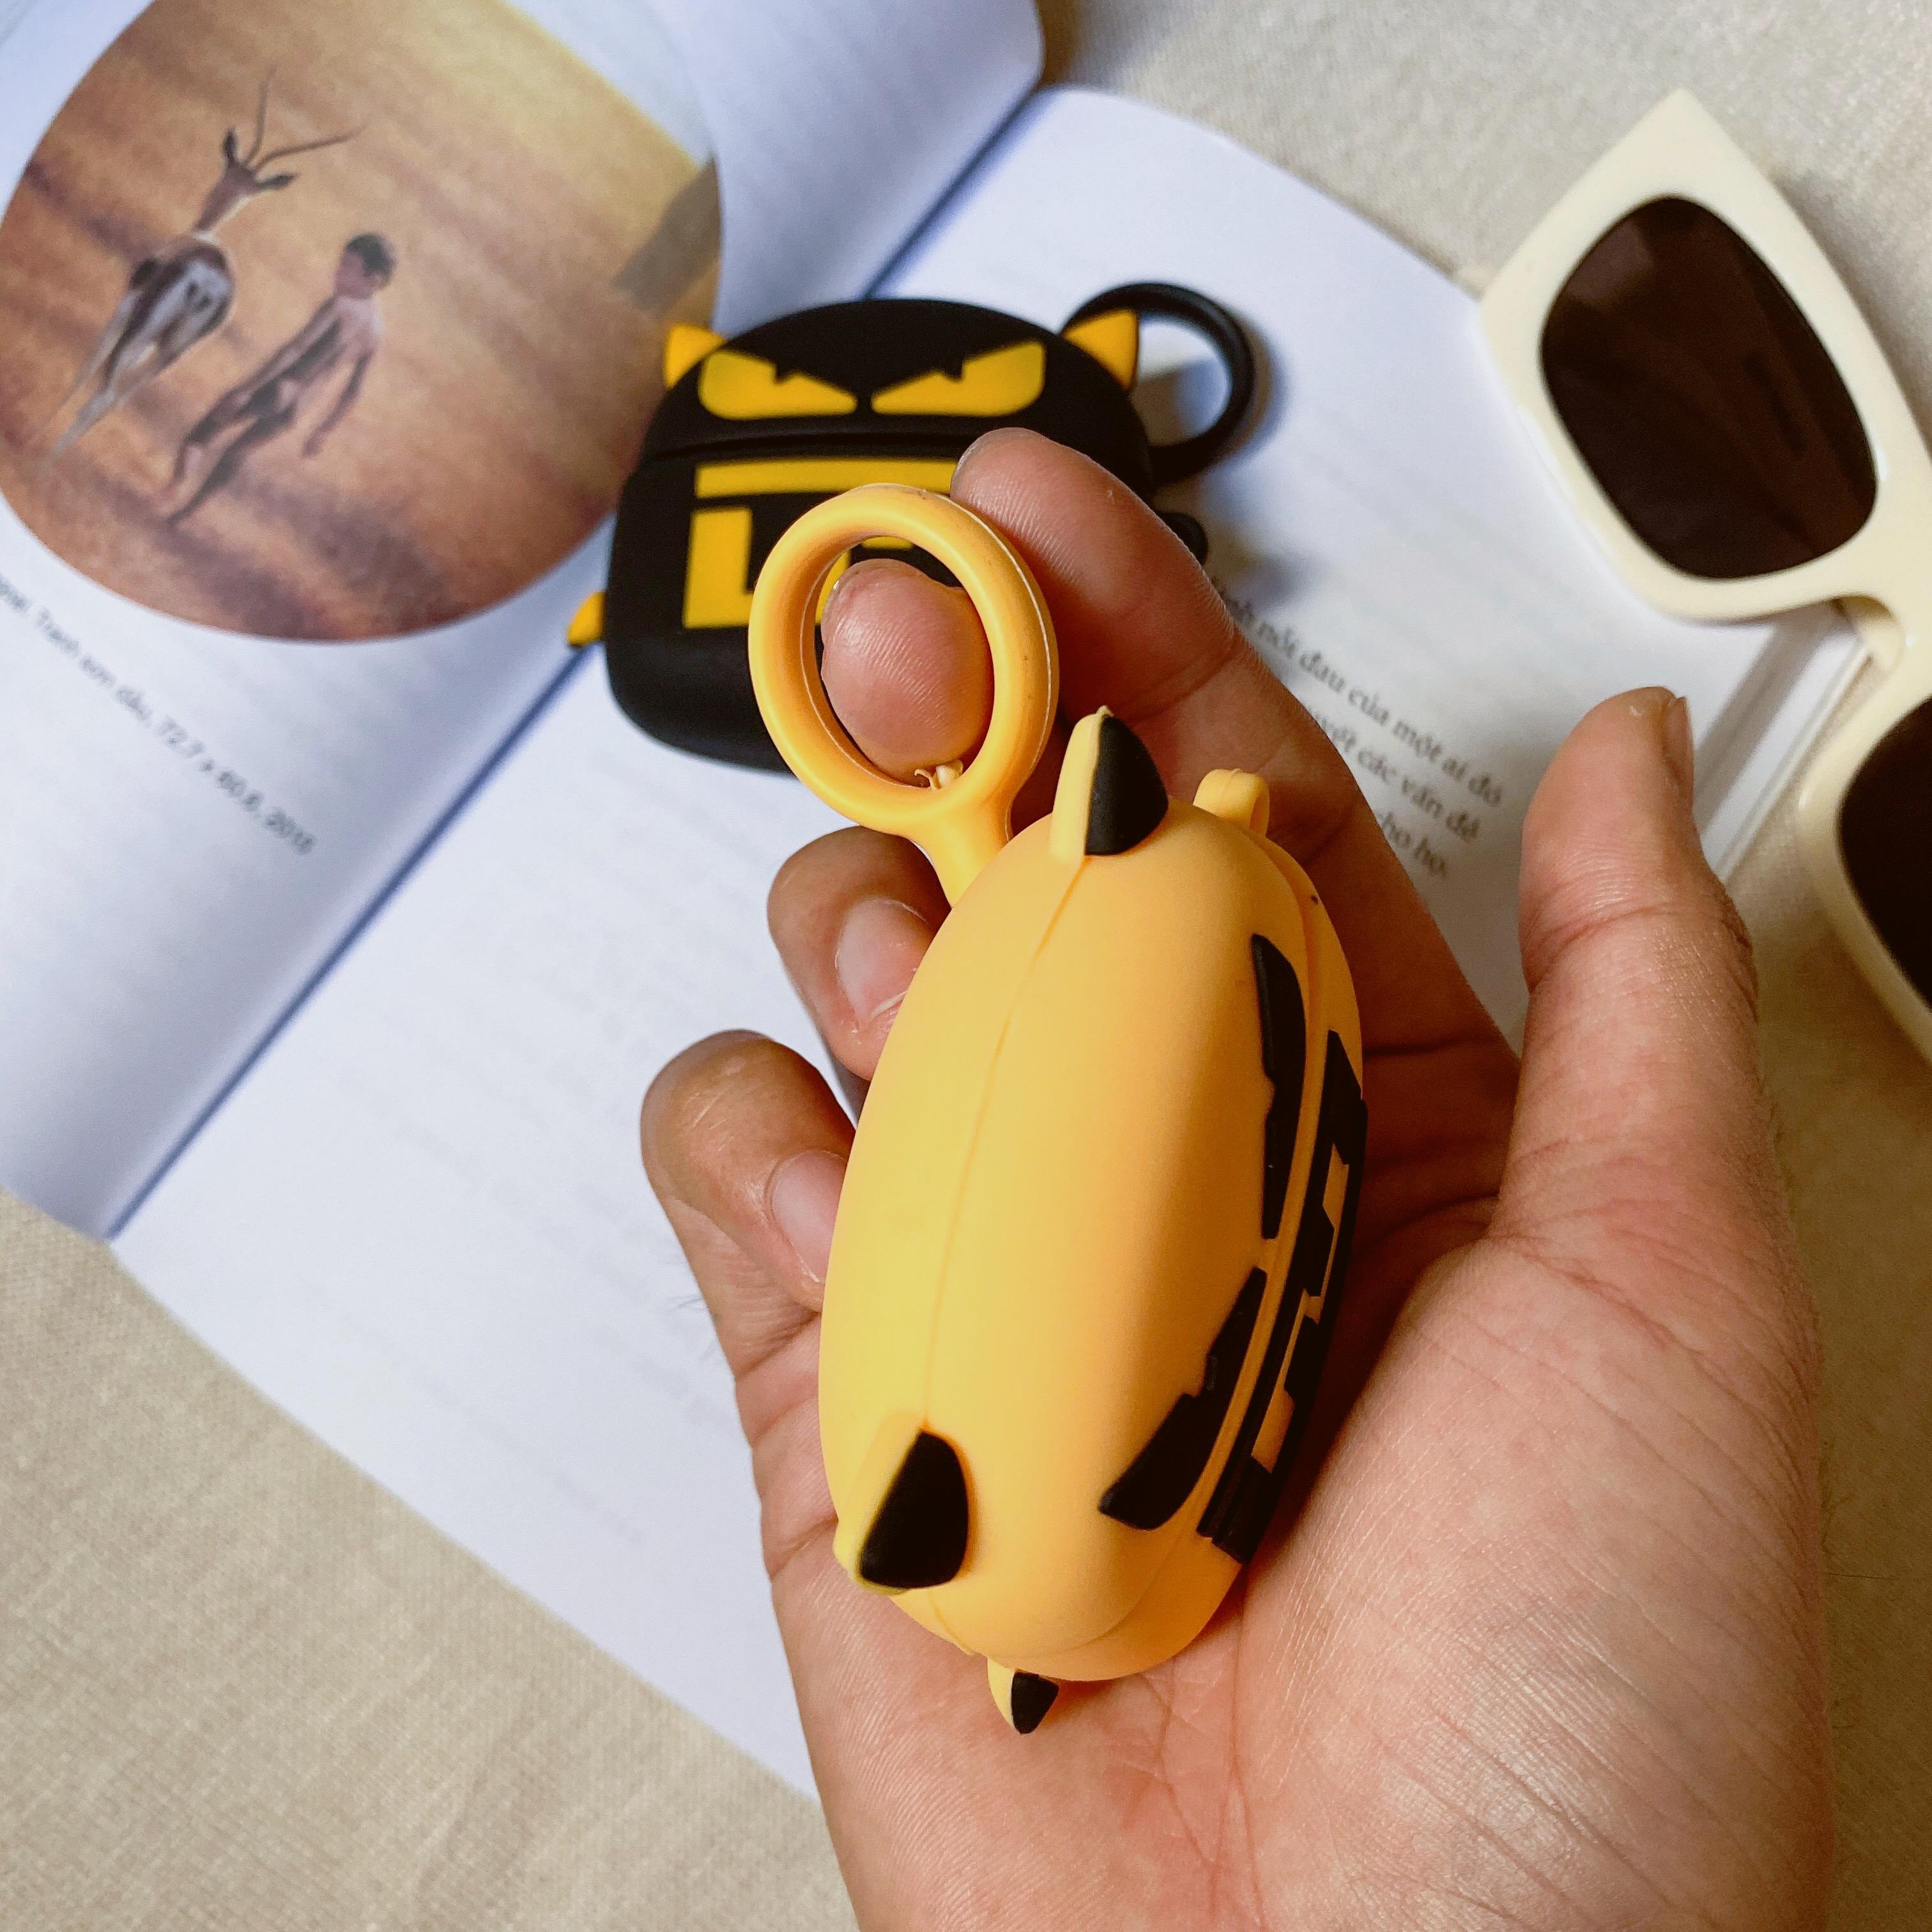 Airpods Pro Case, Ốp Bảo Vệ Dành Cho Airpods Pro - Mắt Mèo - Hàng Chính Hãng